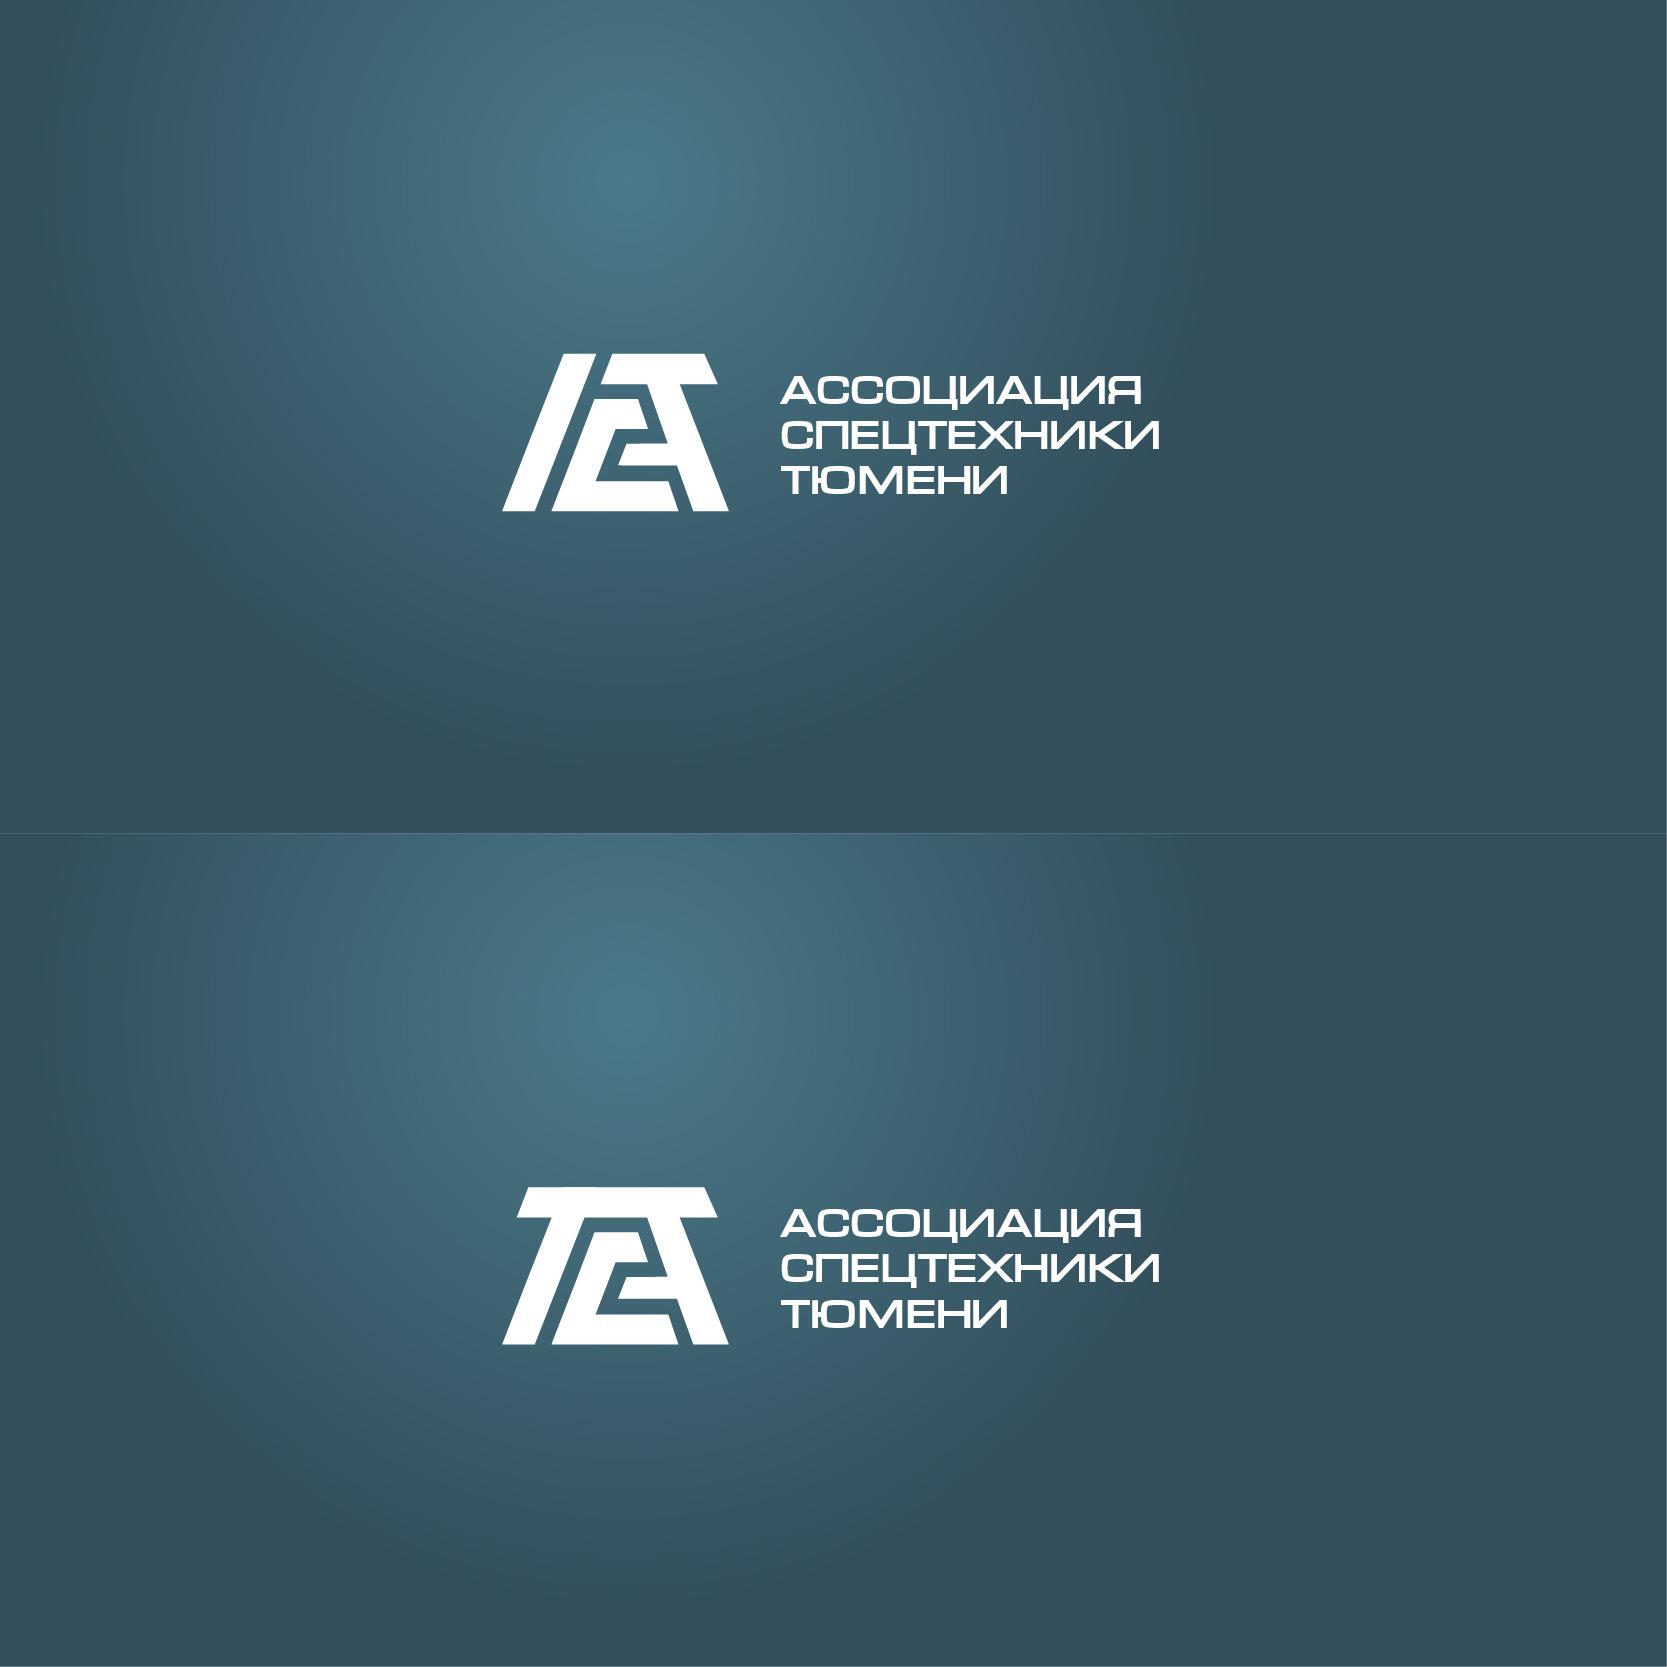 Логотип для Ассоциации спецтехники фото f_80651481b3ef2164.jpg